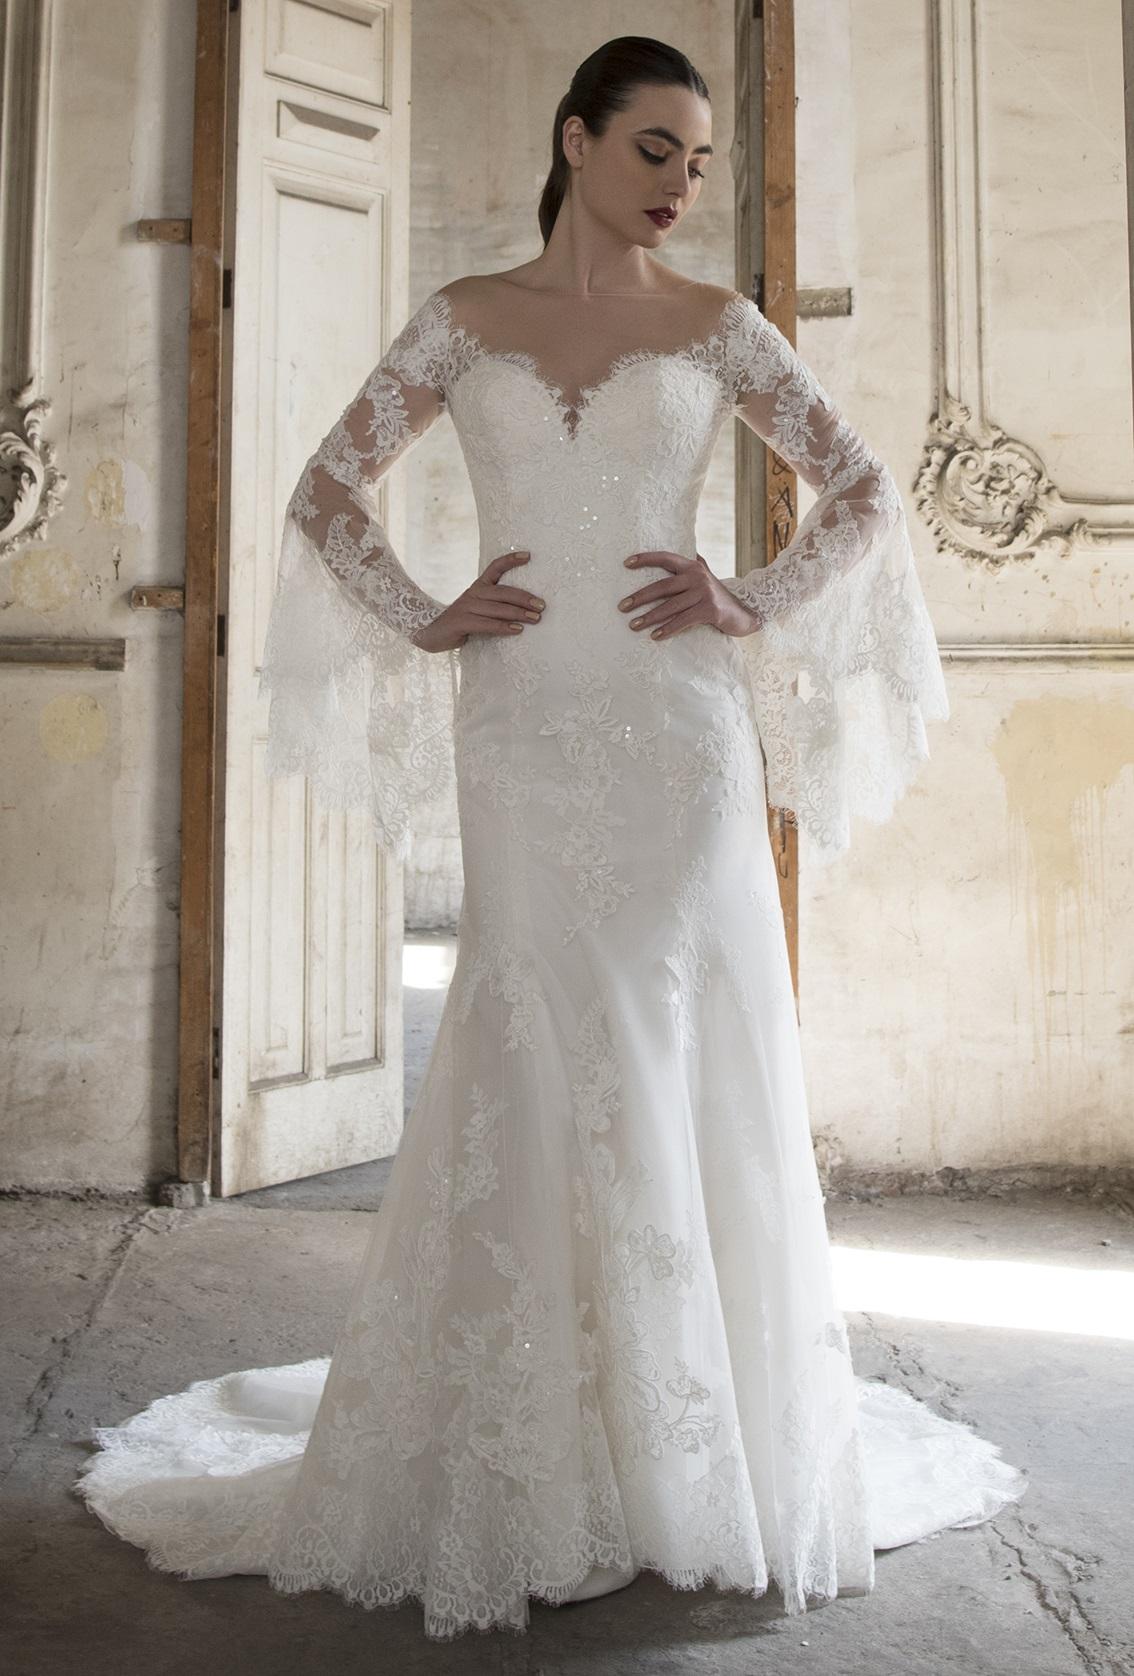 09072b548a ¡Queremos ser testigos de tu felicidad y amor! Descubre el vestido de tus  sueños.